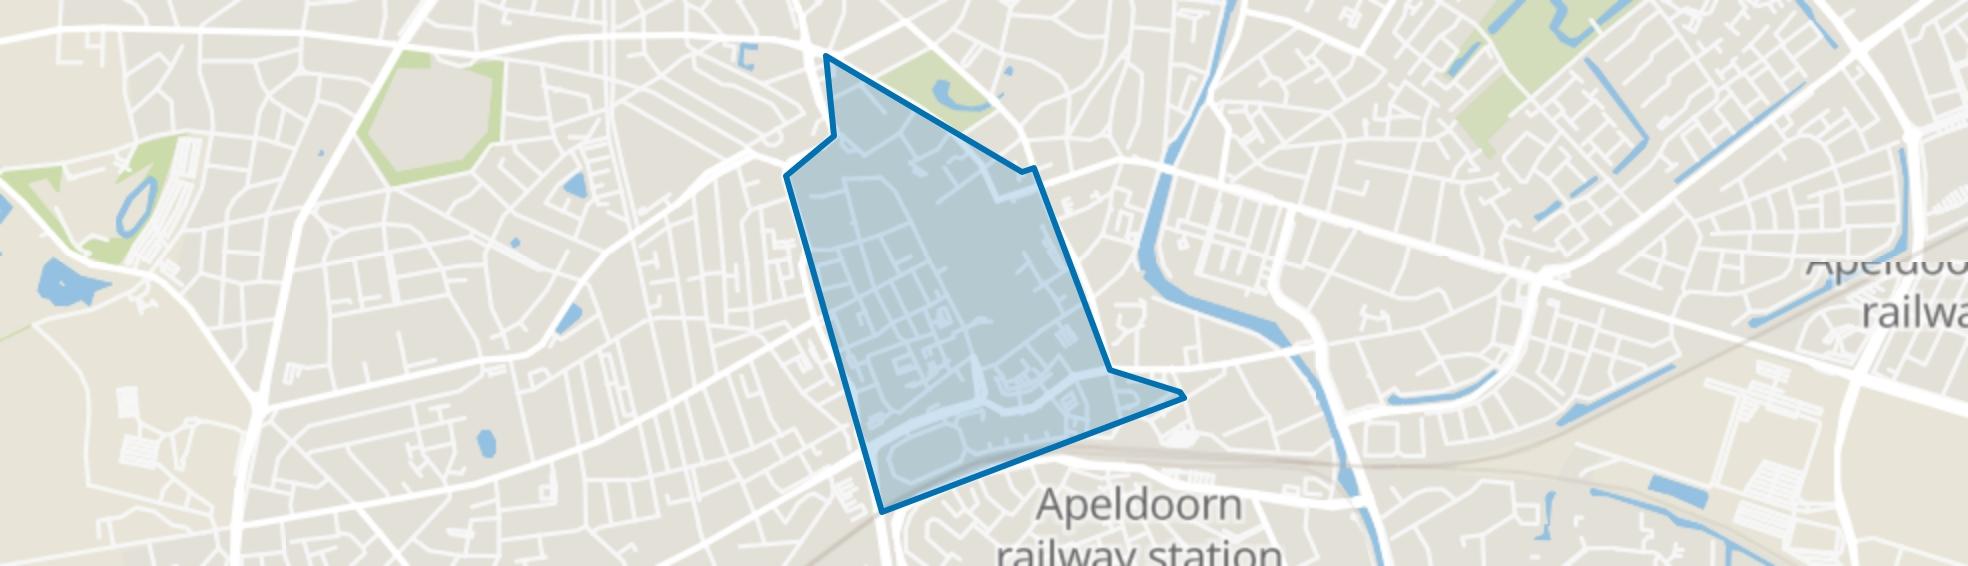 Binnenstad, Apeldoorn map